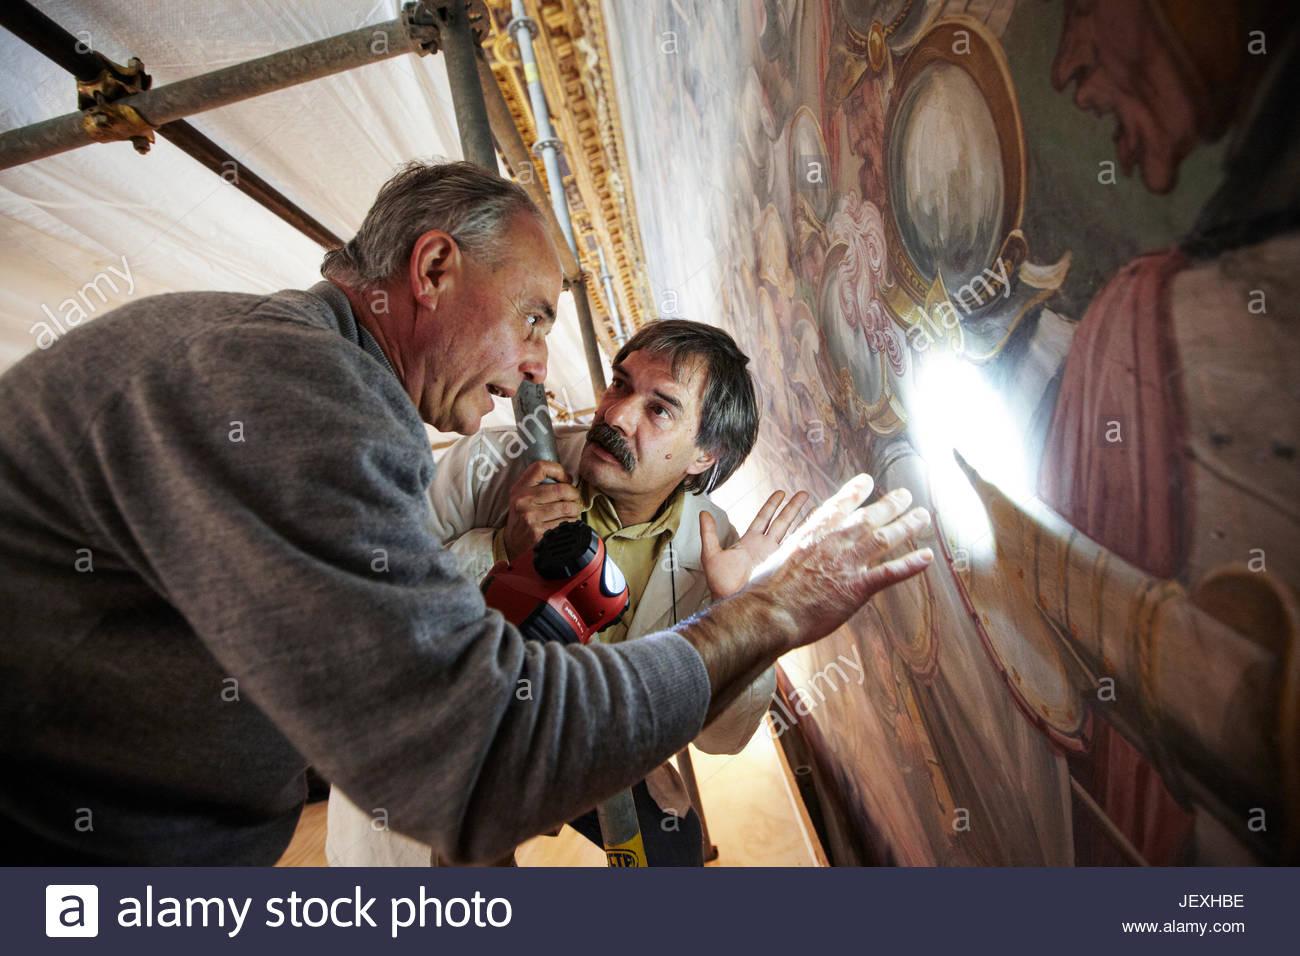 Restorers from the Opificio delle Pietre Dure prepare parts of the Giorgio Vasari mural that need restoration, and - Stock Image